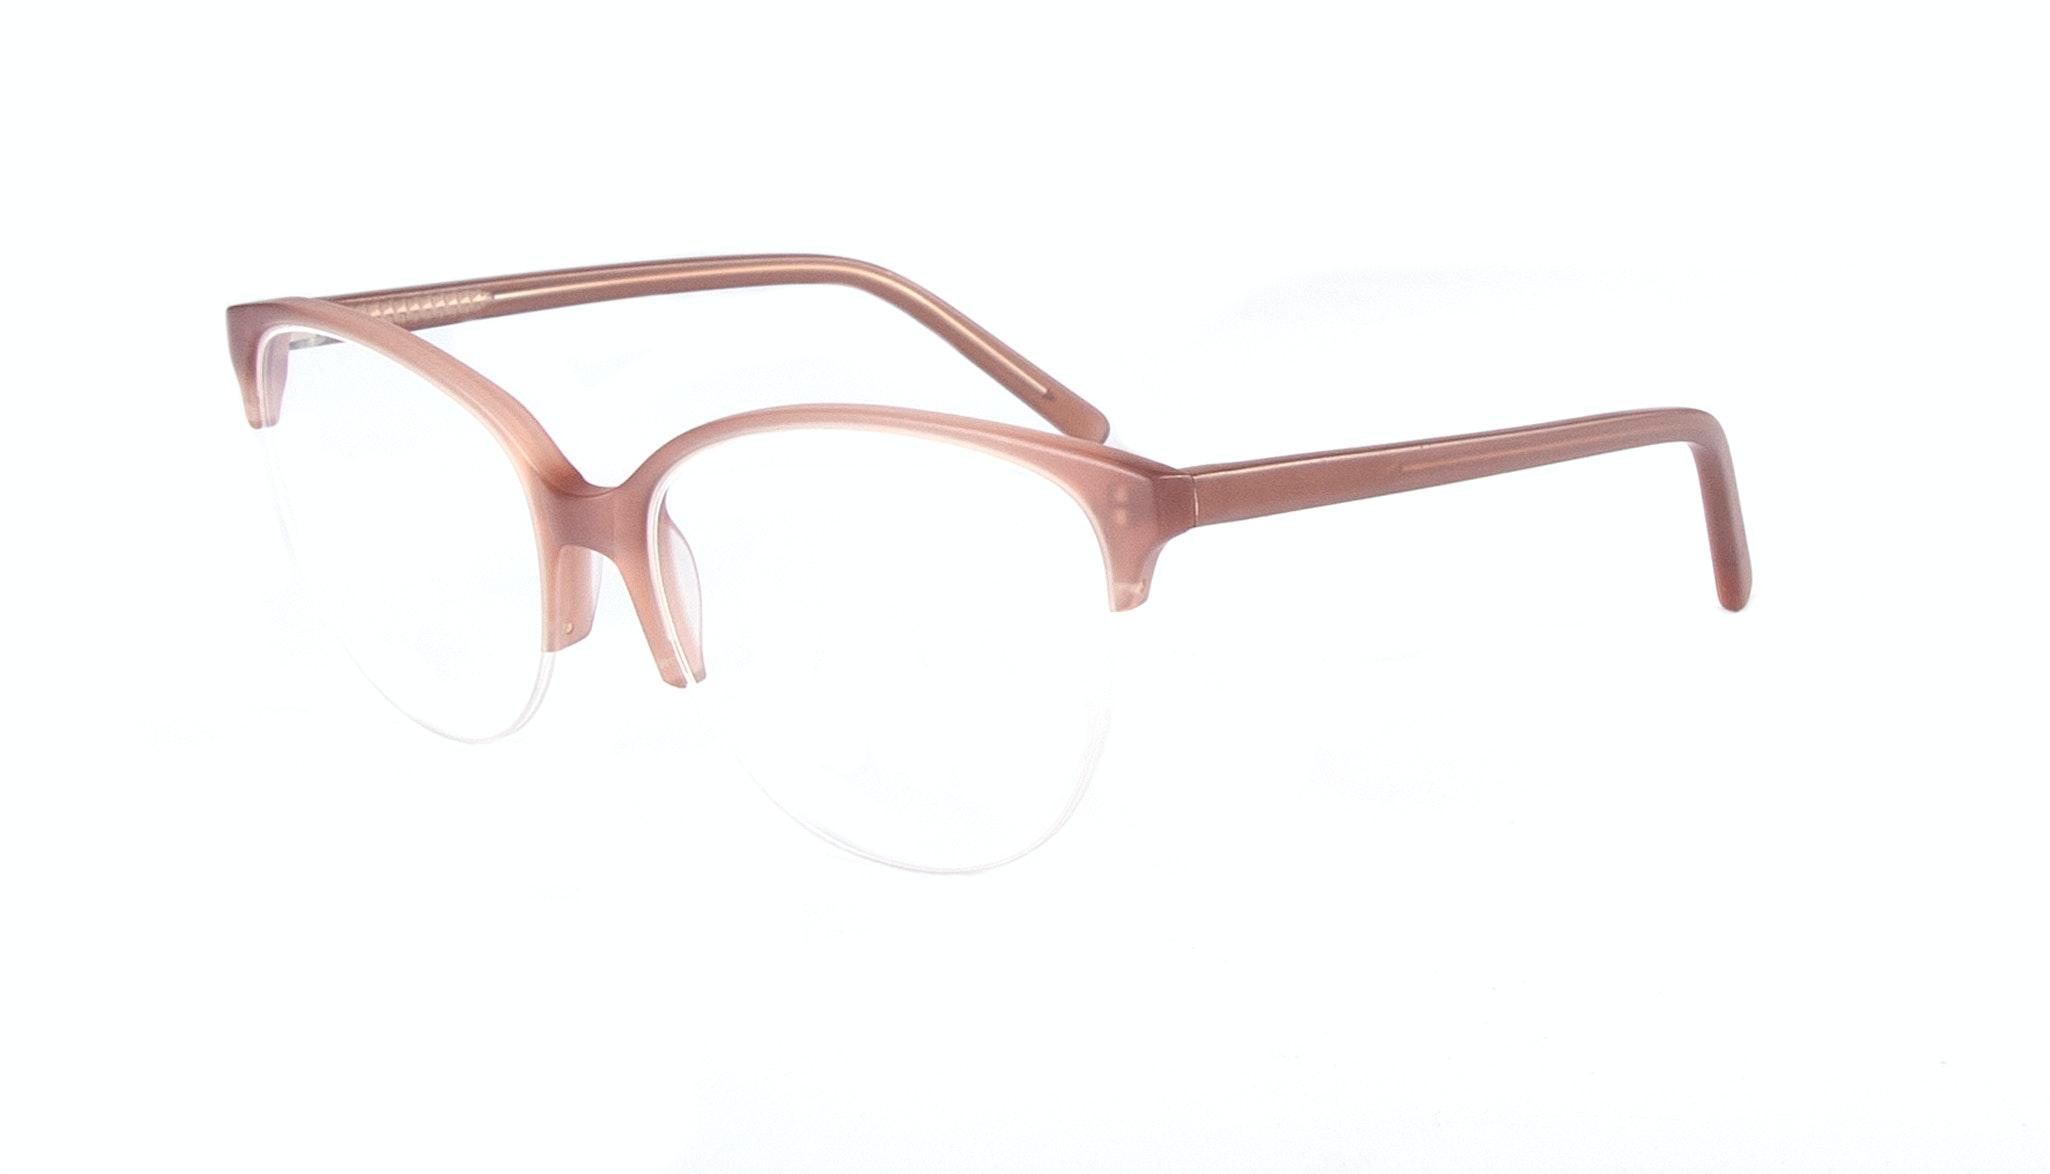 Affordable Fashion Glasses Cat Eye Round Semi-Rimless Eyeglasses Women Imagine Light Old Rose Tilt